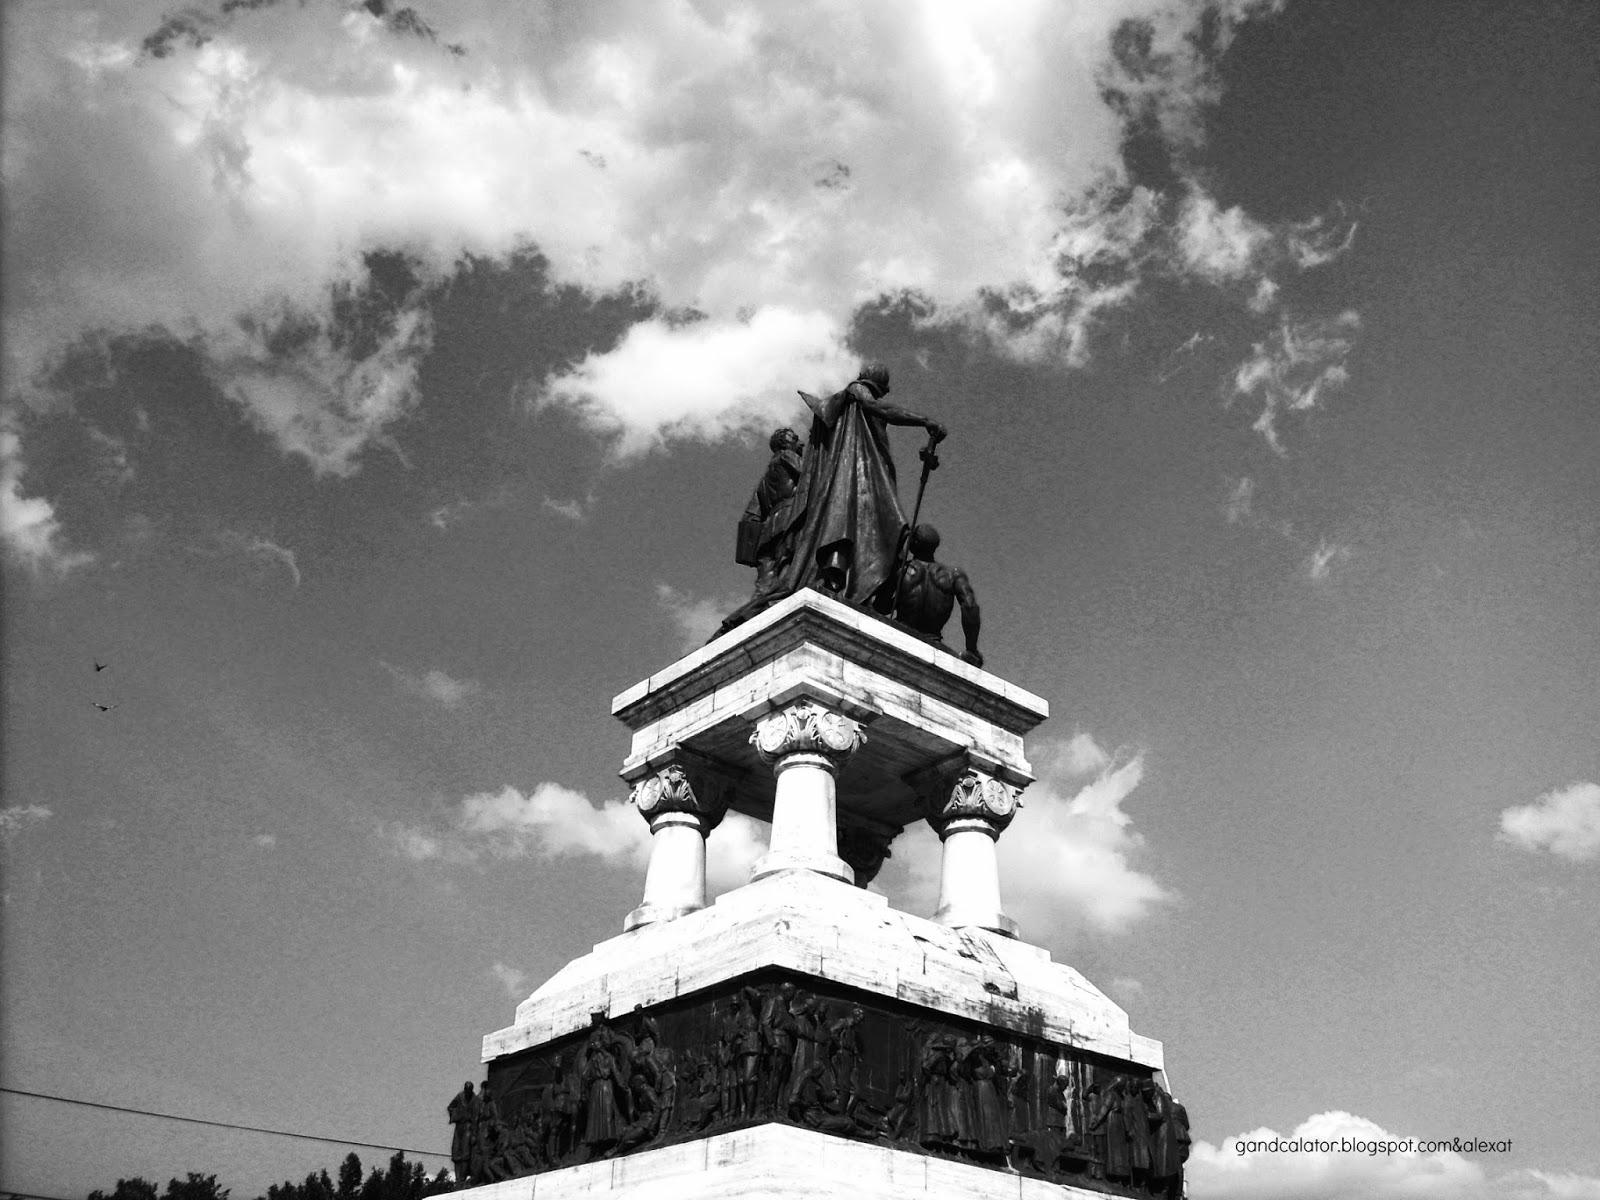 Monumentul Eroilor Sanitari. Medical Heroes Monument. 1932.